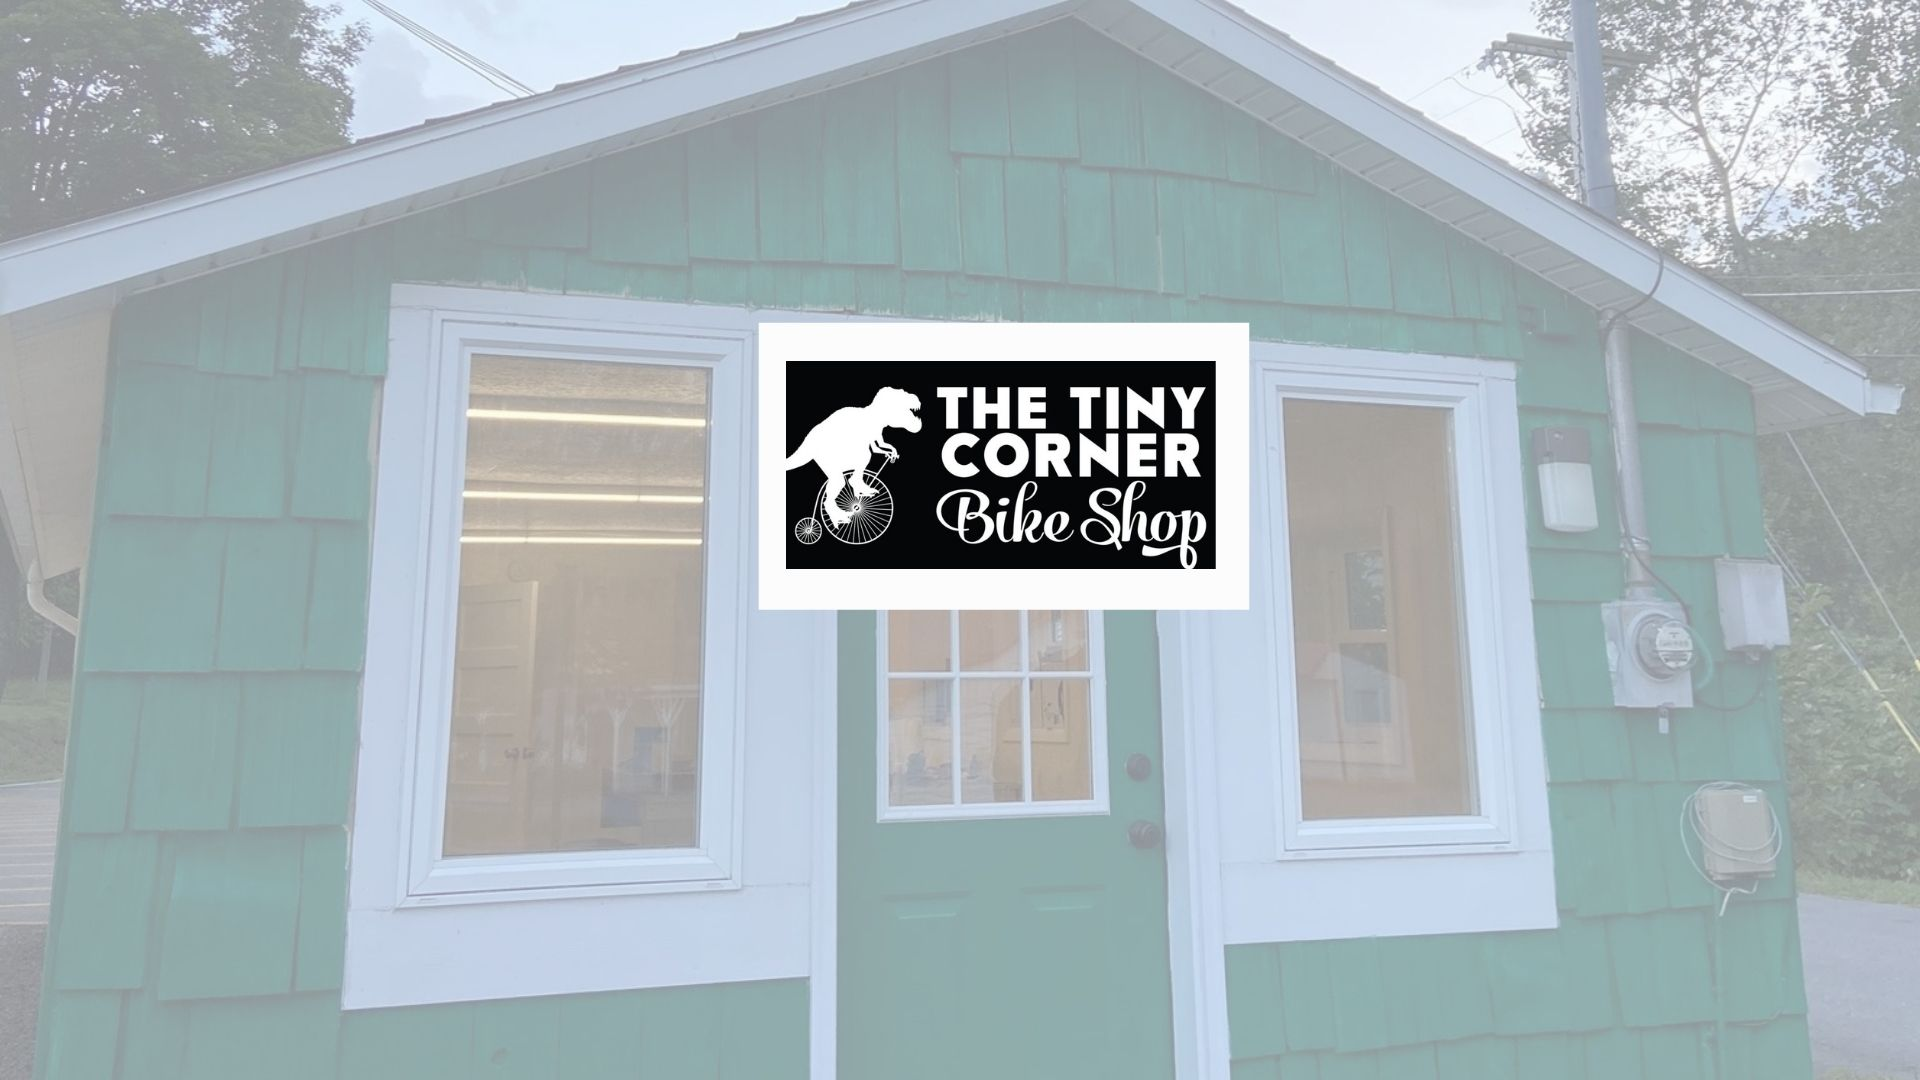 The Tiny Corner Bike Shop – +3 Prize Points